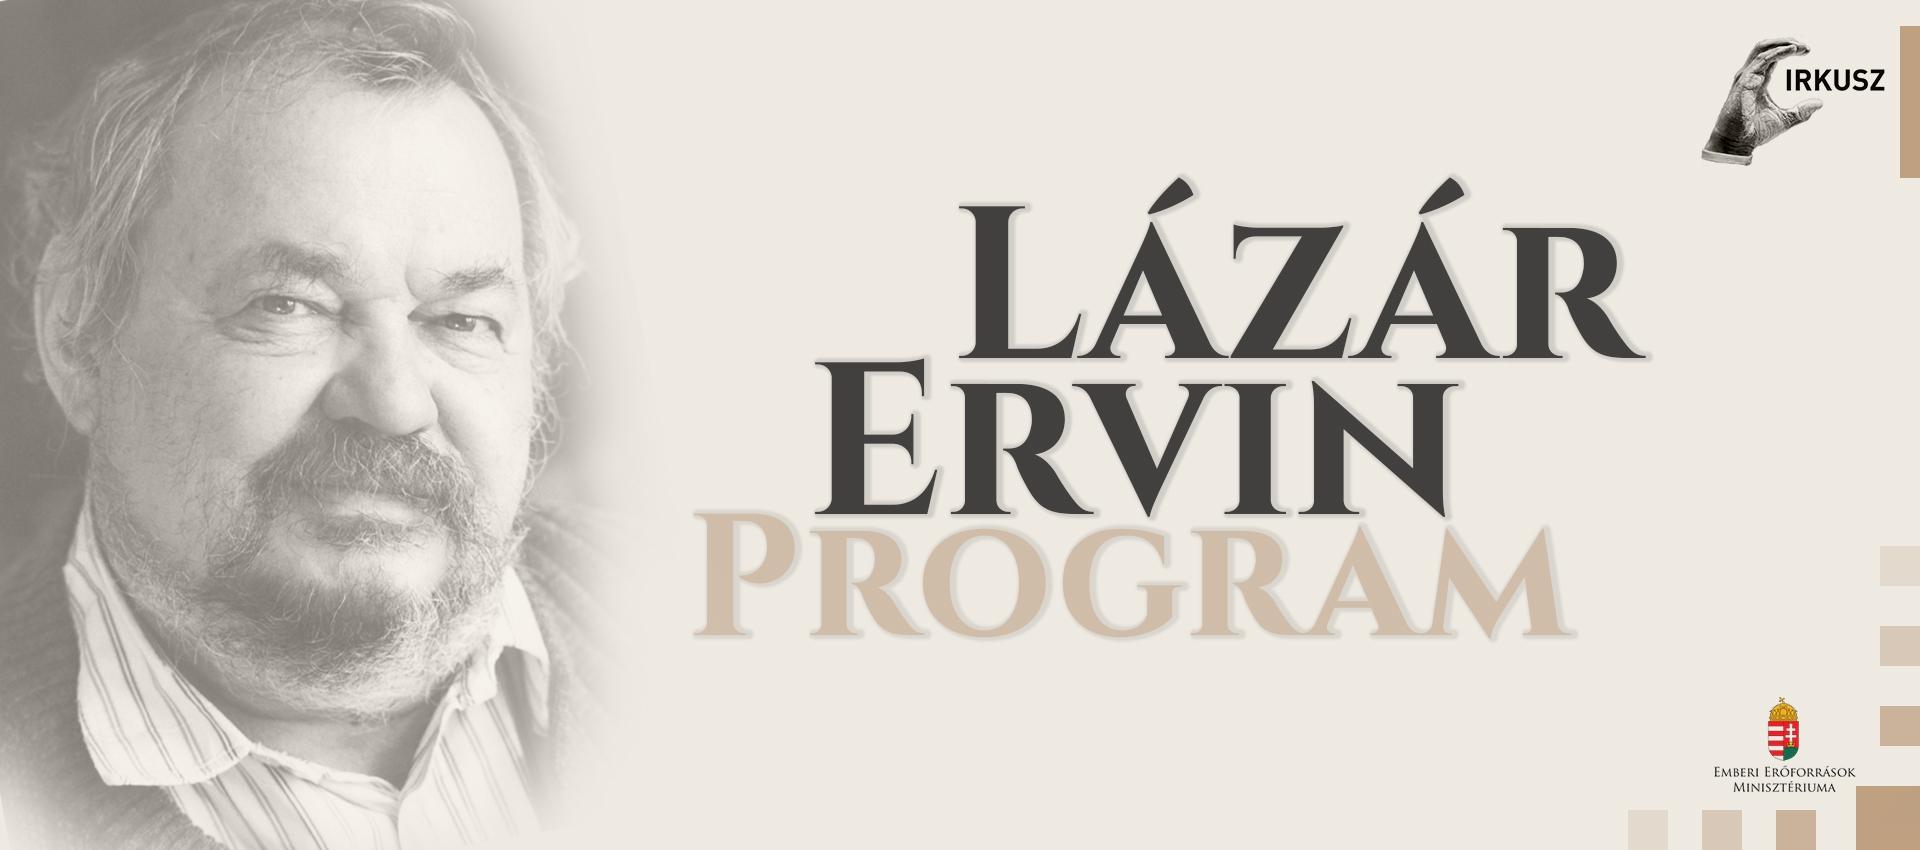 Lázár Ervin Program a Fővárosi Nagycirkuszban